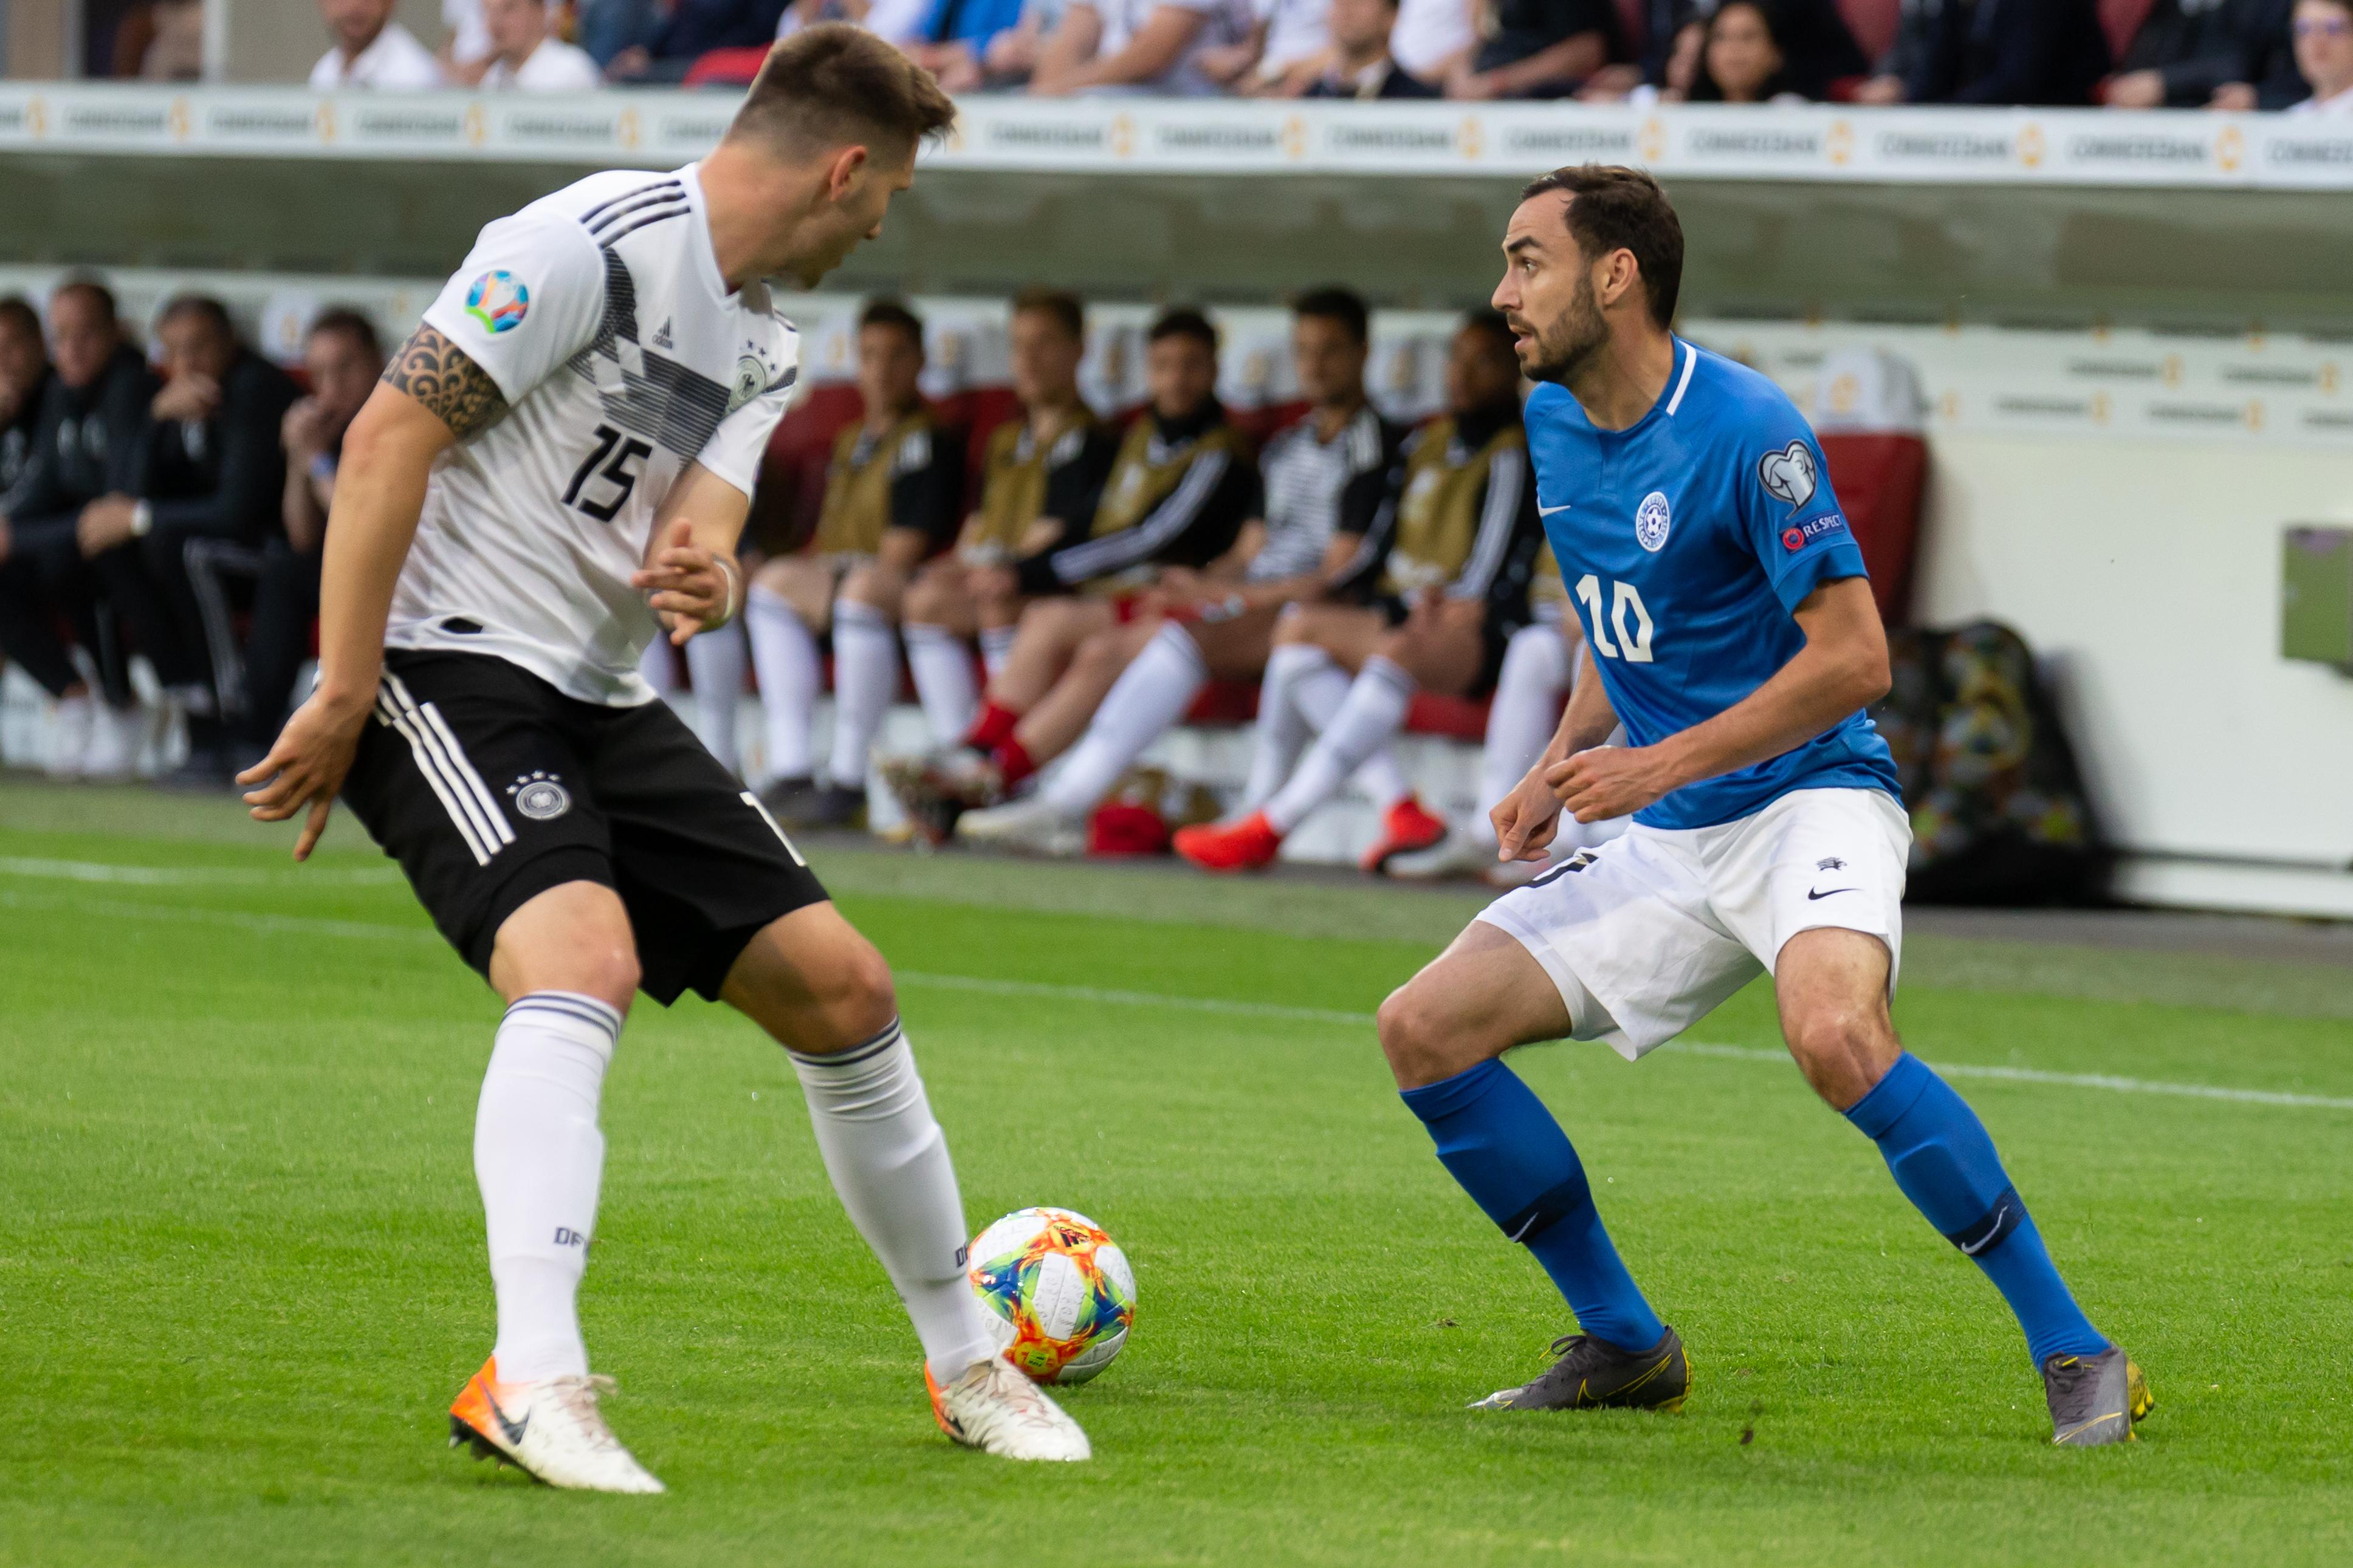 File:2019-06-11 Fußball, Männer, Länderspiel, Deutschland-Estland StP 2146 LR10 by Stepro.jpg